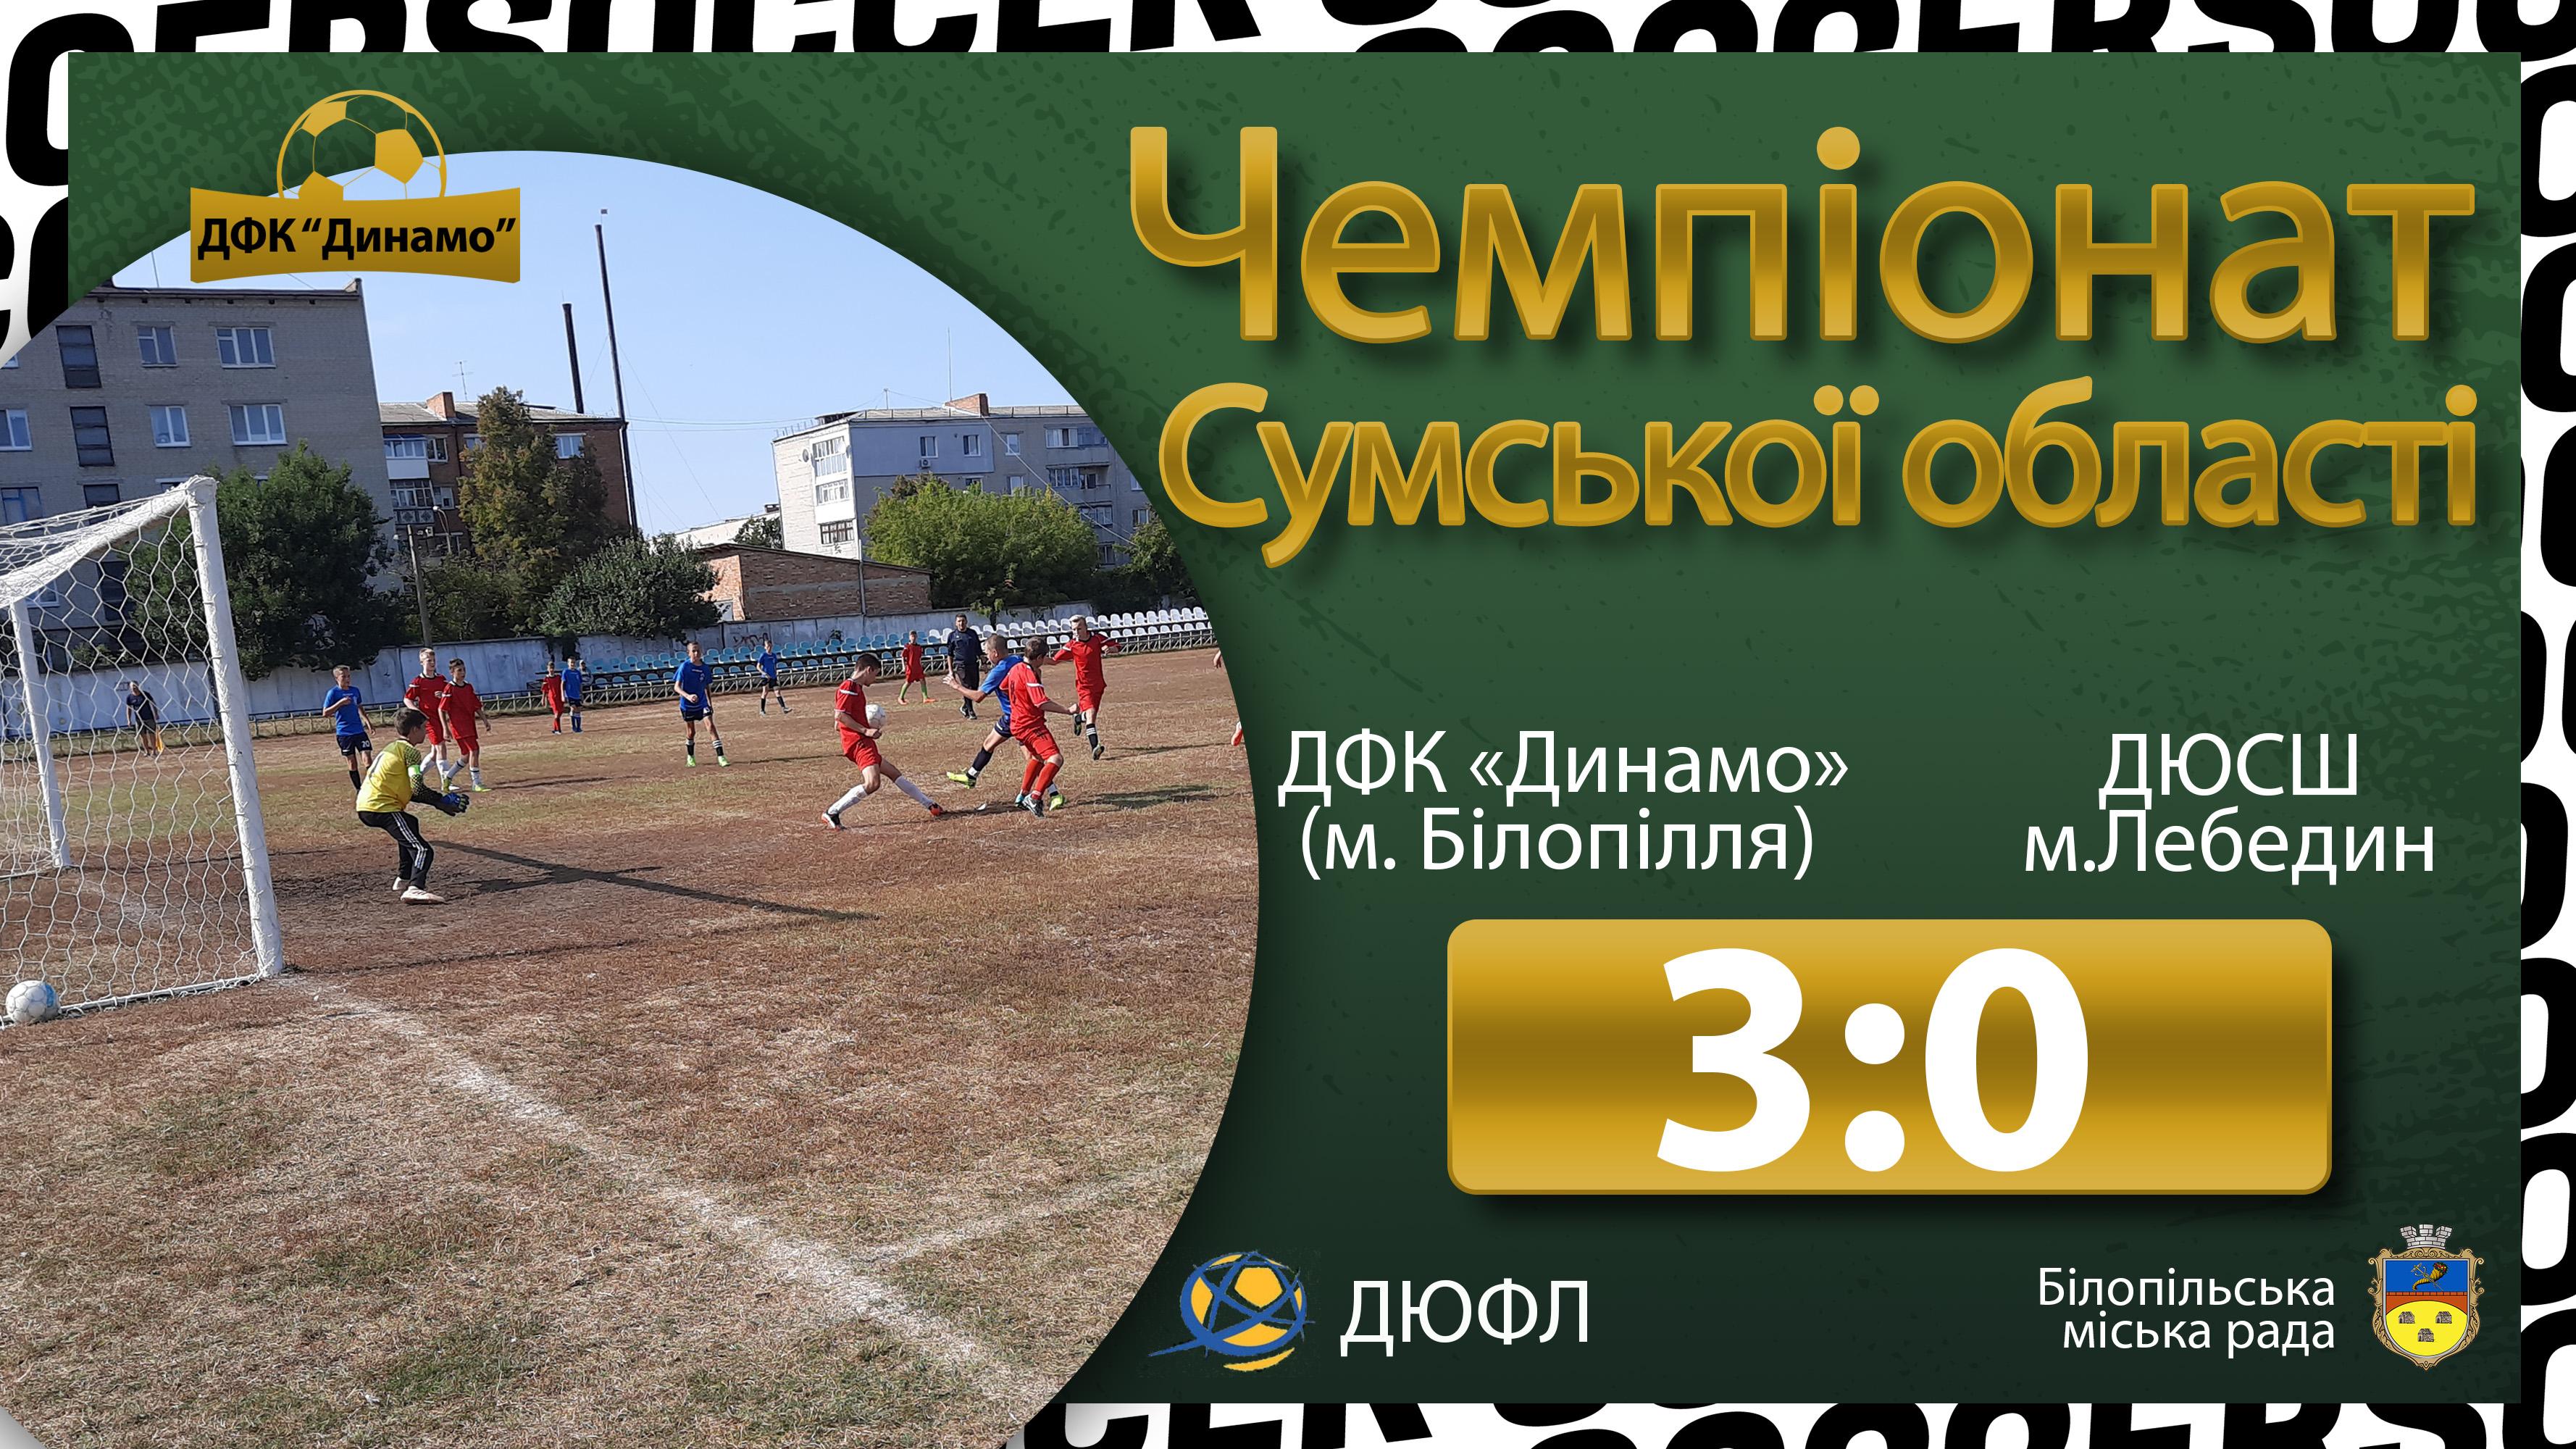 ДФК Динамо Білопілля